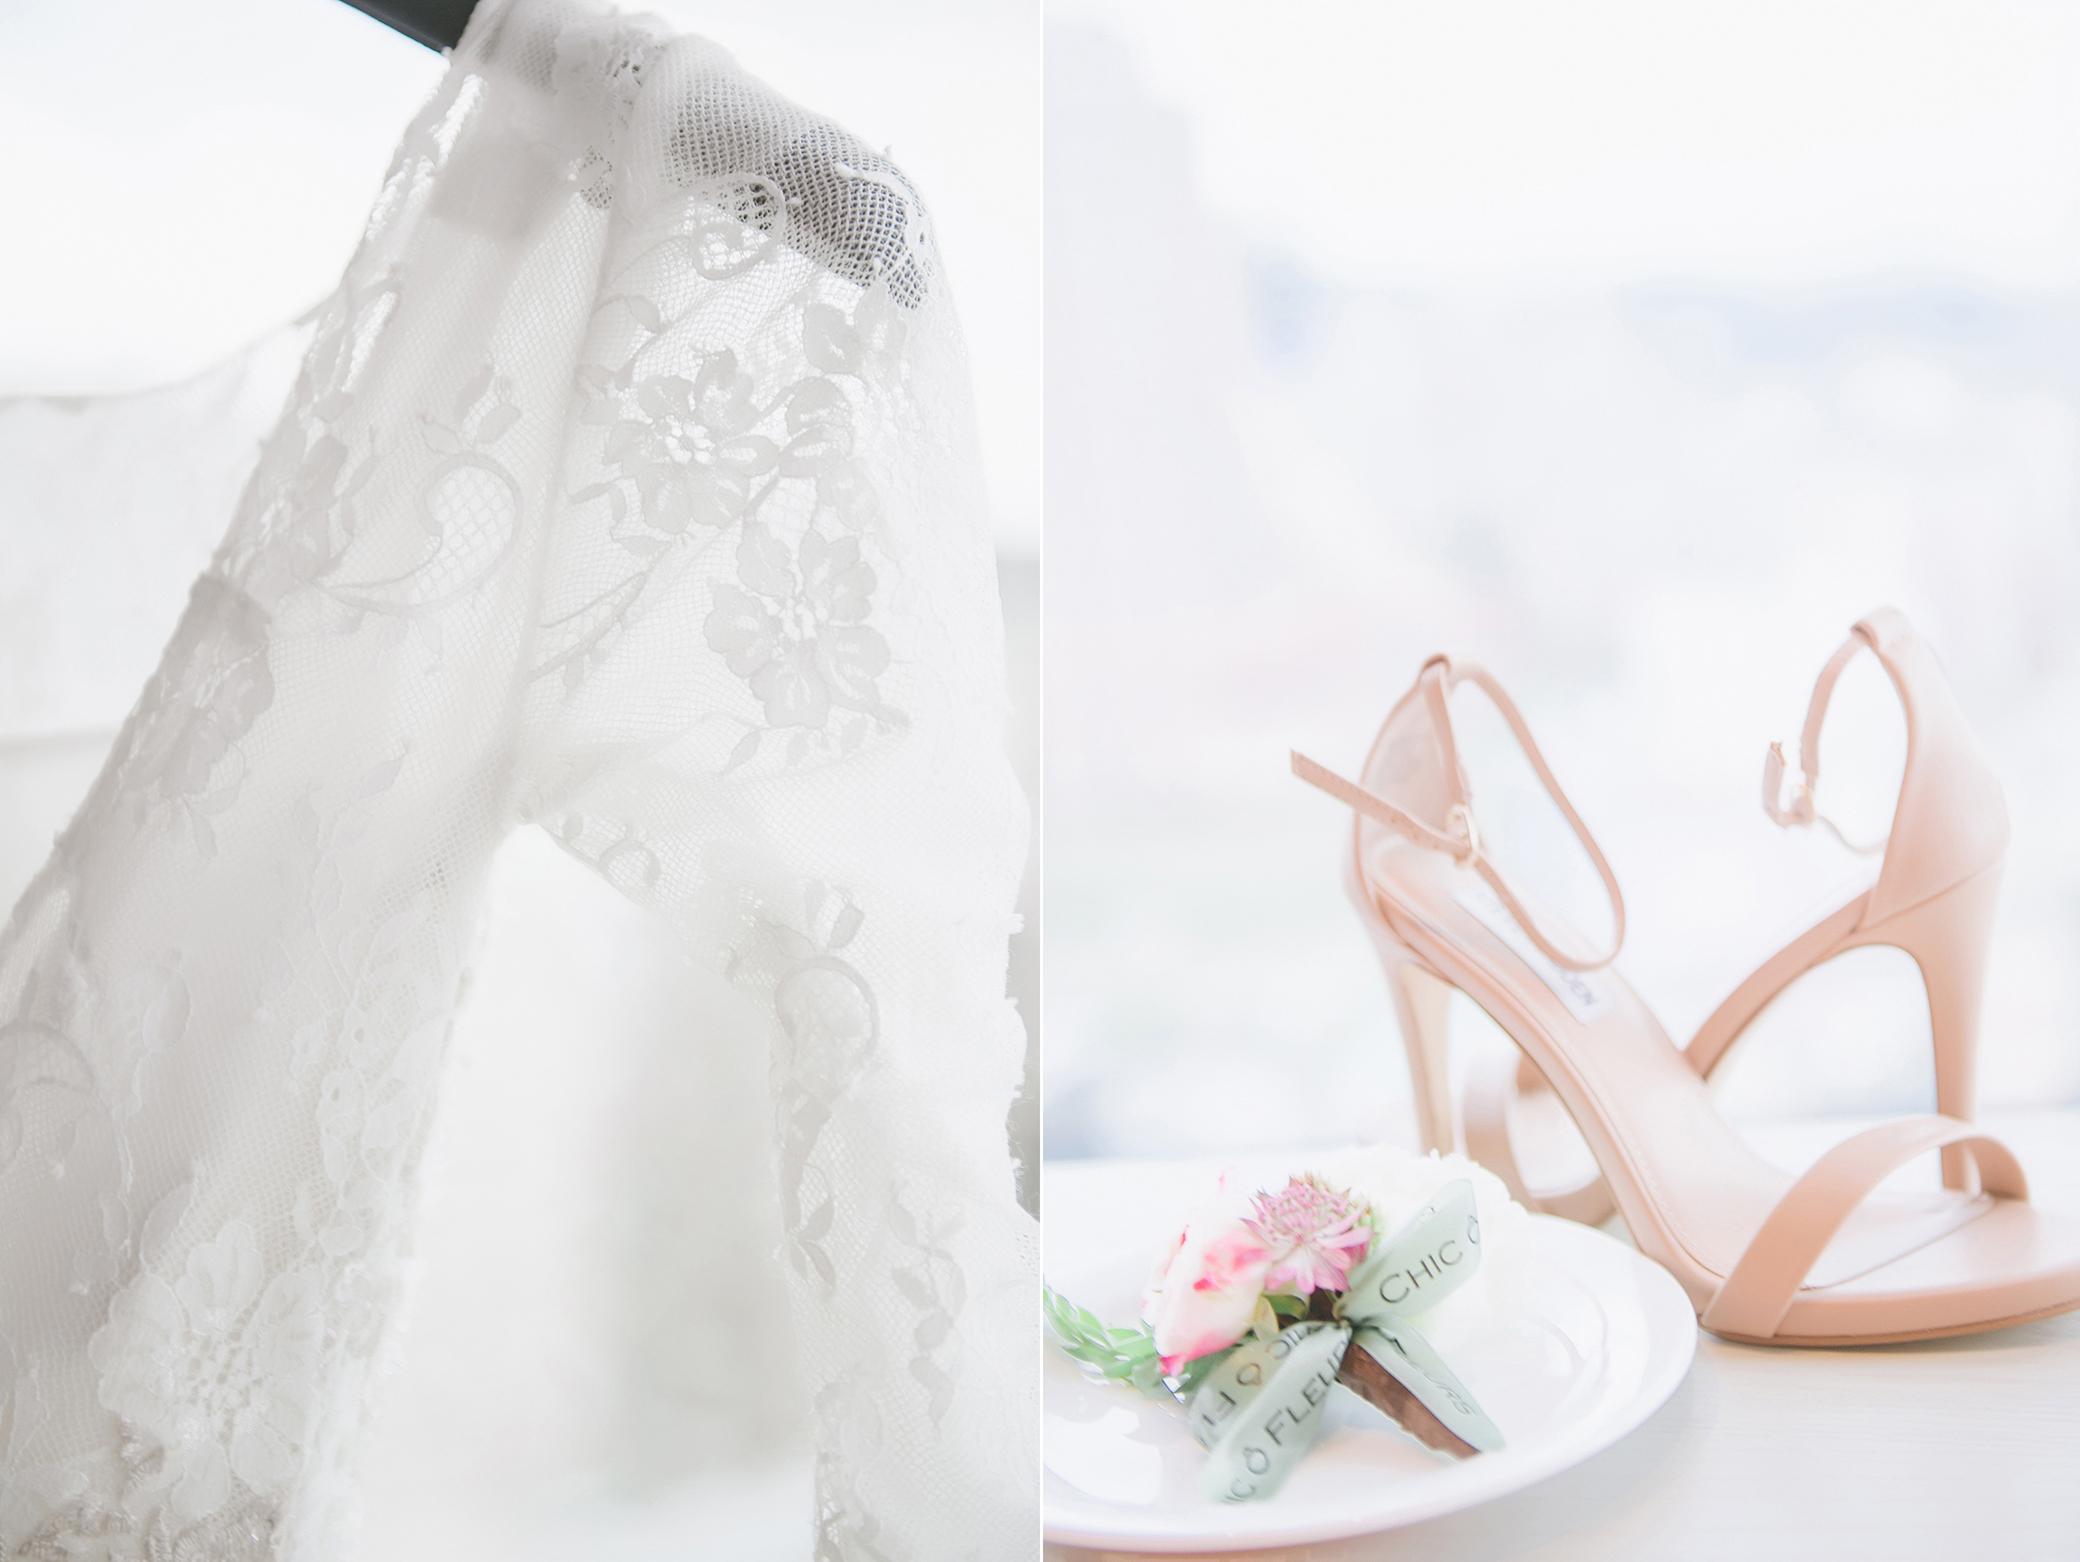 nickchang-wedding-%e5%af%92%e8%88%8d%e8%89%be%e9%ba%97-fineart-28